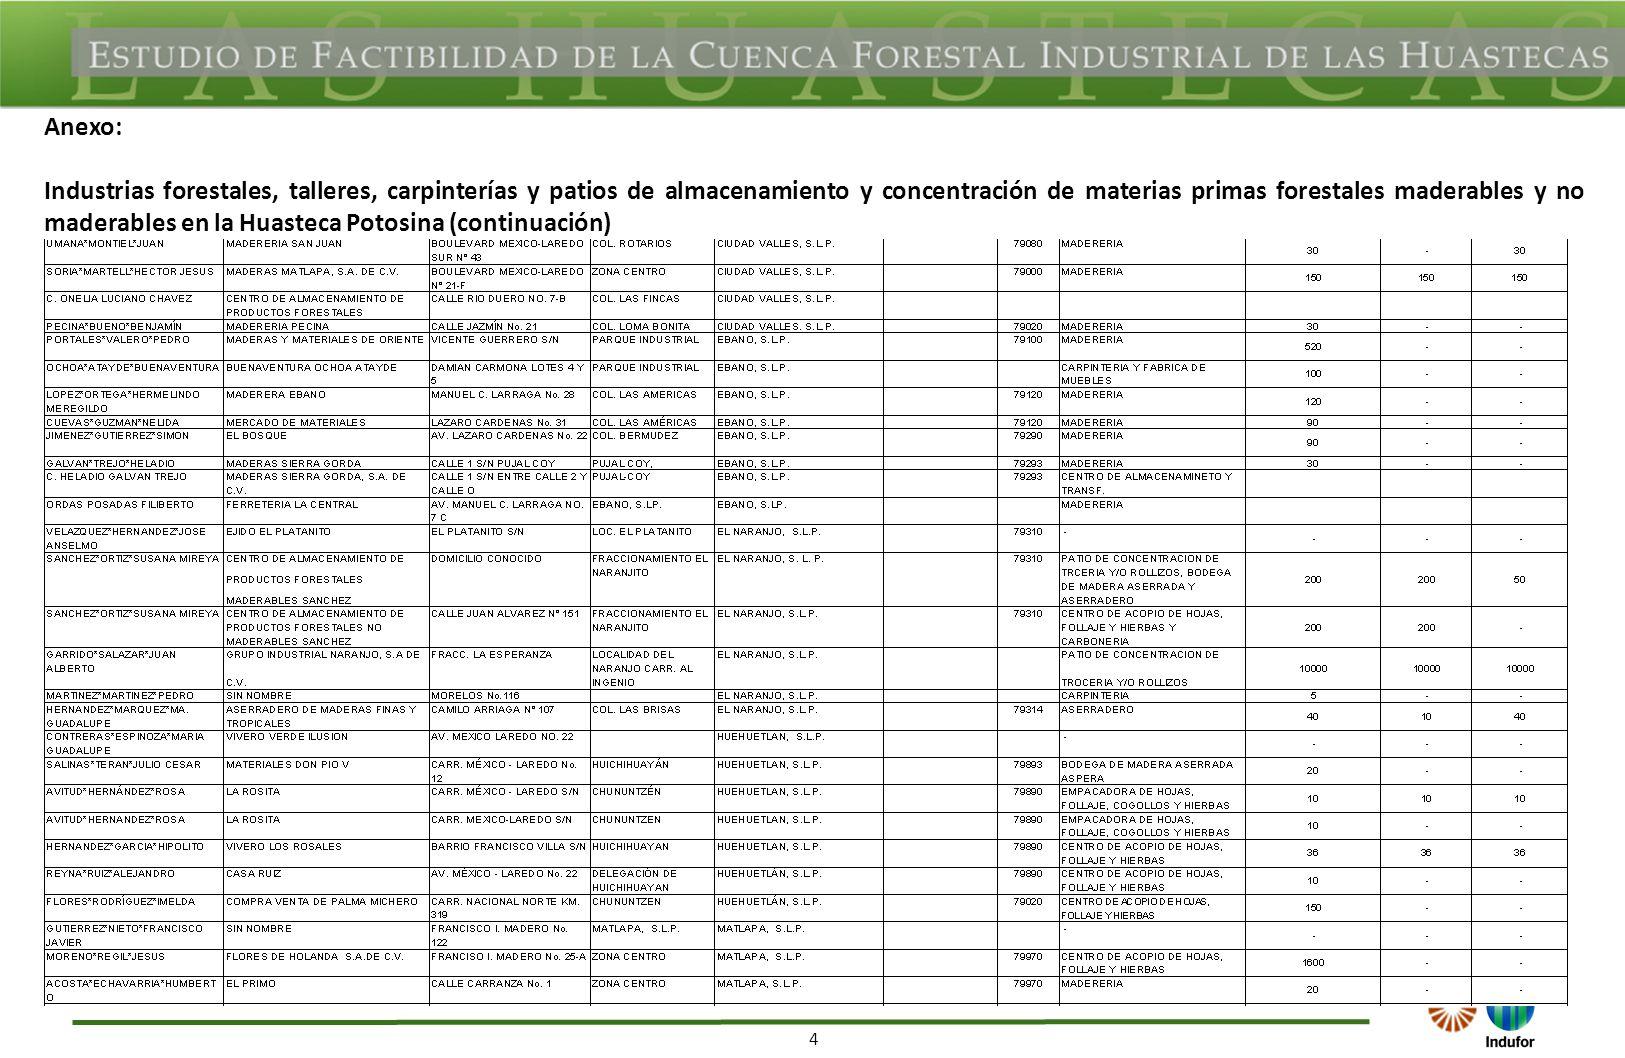 4 Anexo: Industrias forestales, talleres, carpinterías y patios de almacenamiento y concentración de materias primas forestales maderables y no maderables en la Huasteca Potosina (continuación)